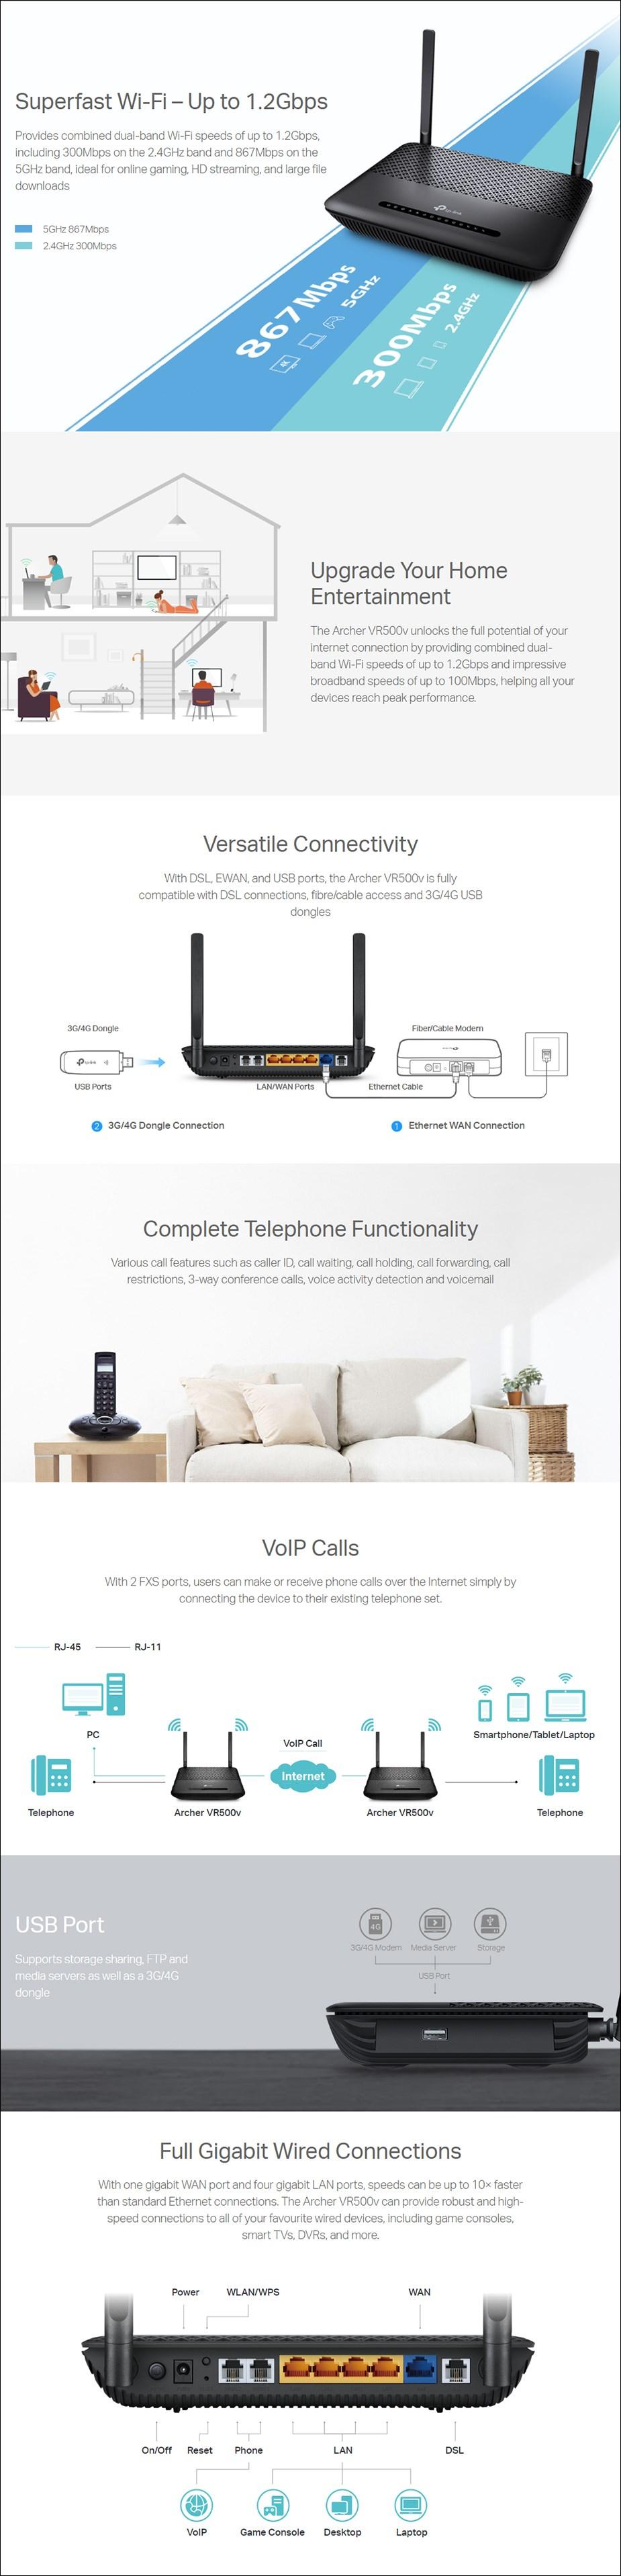 TP-Link Archer VR500v AC1200 Dual Band VoIP VDSL/ADSL Modem Router - Overview 1